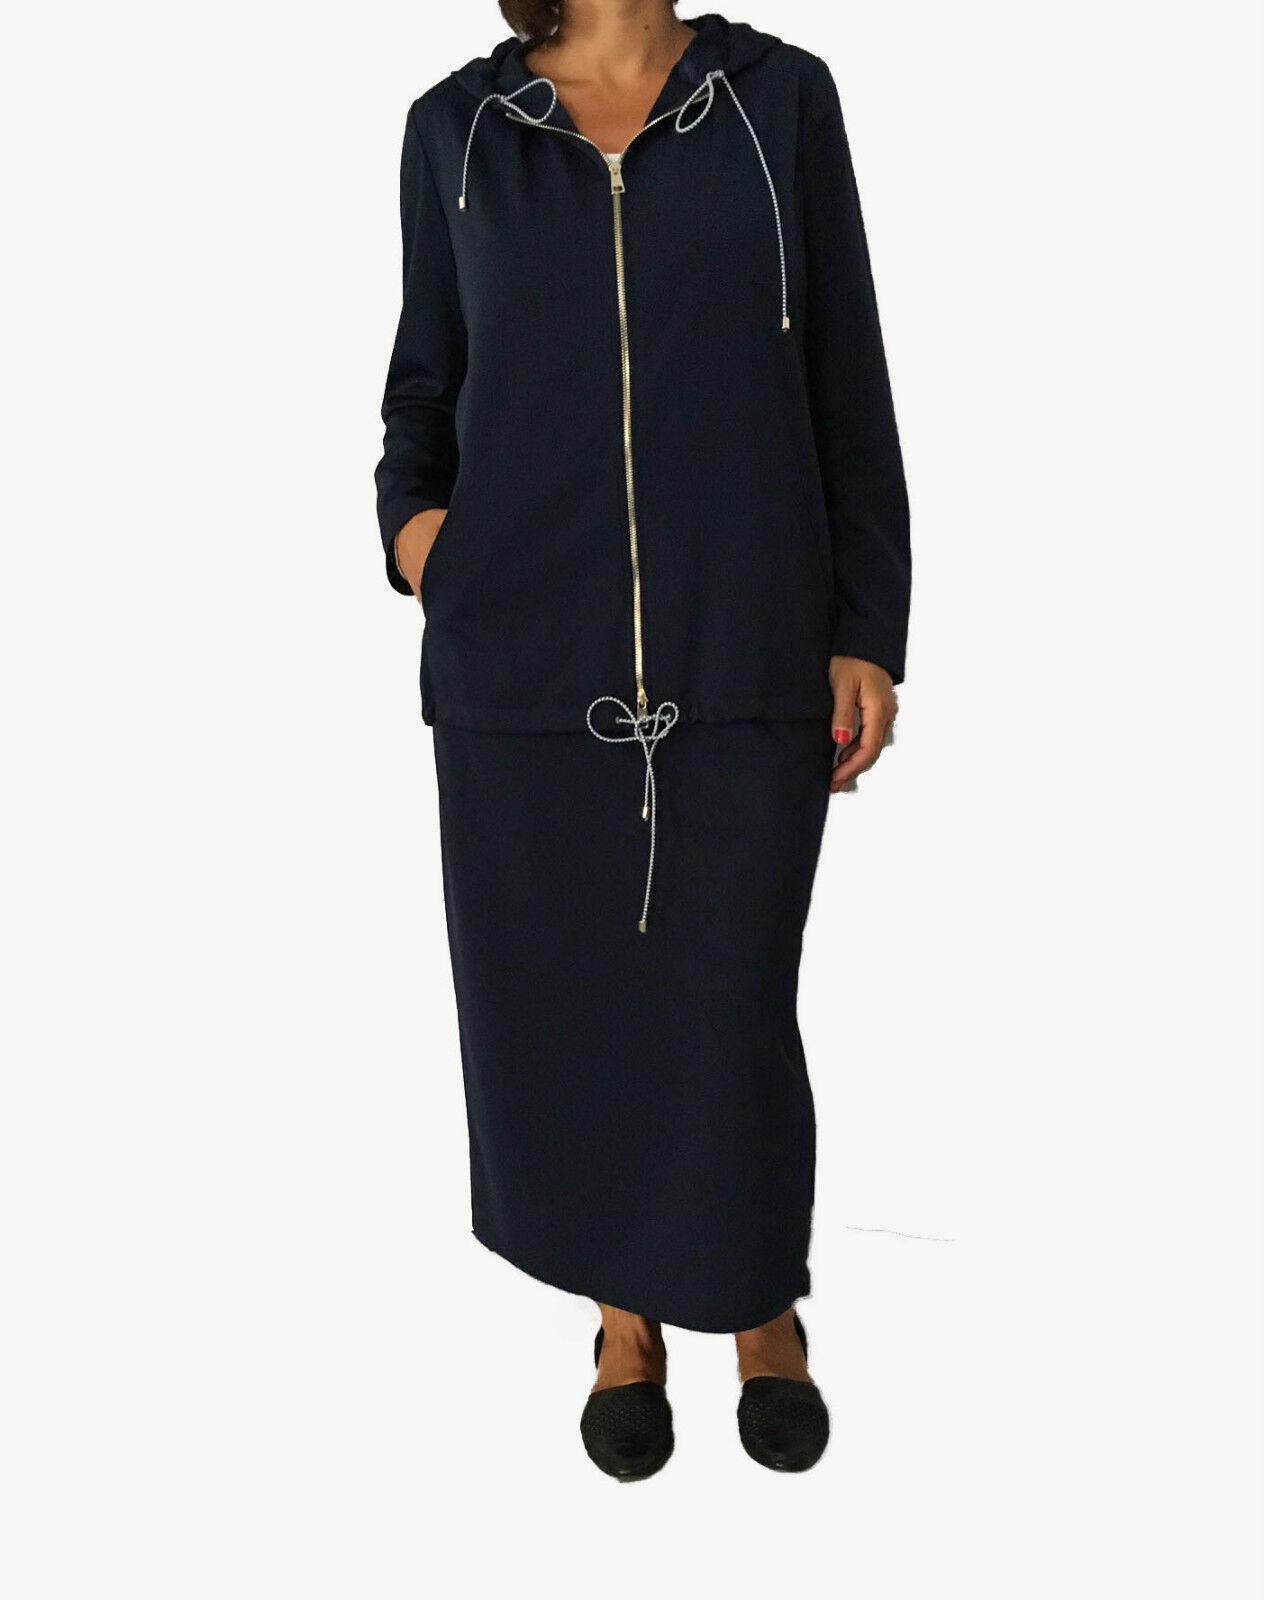 CALALUNA felpa donna con zip e cappuccio blu 96% poliestere MADE IN ITALY